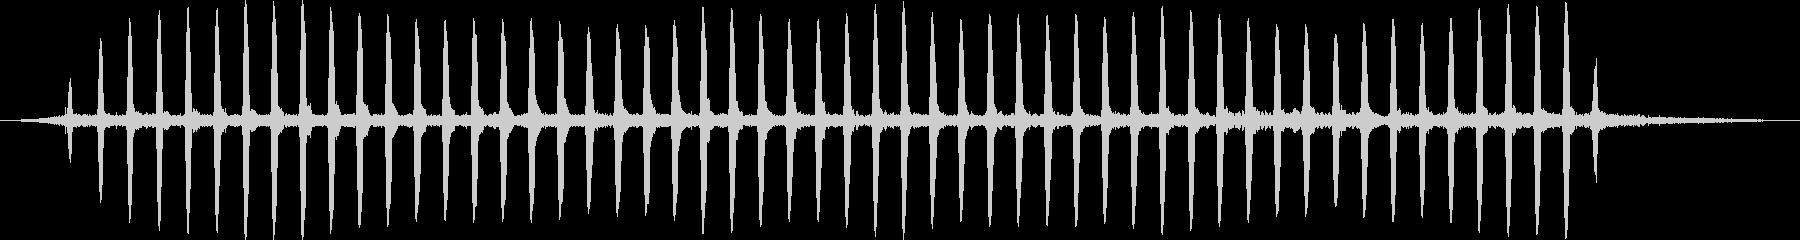 ピグミーフクロウ:呼び出し、鳥の未再生の波形